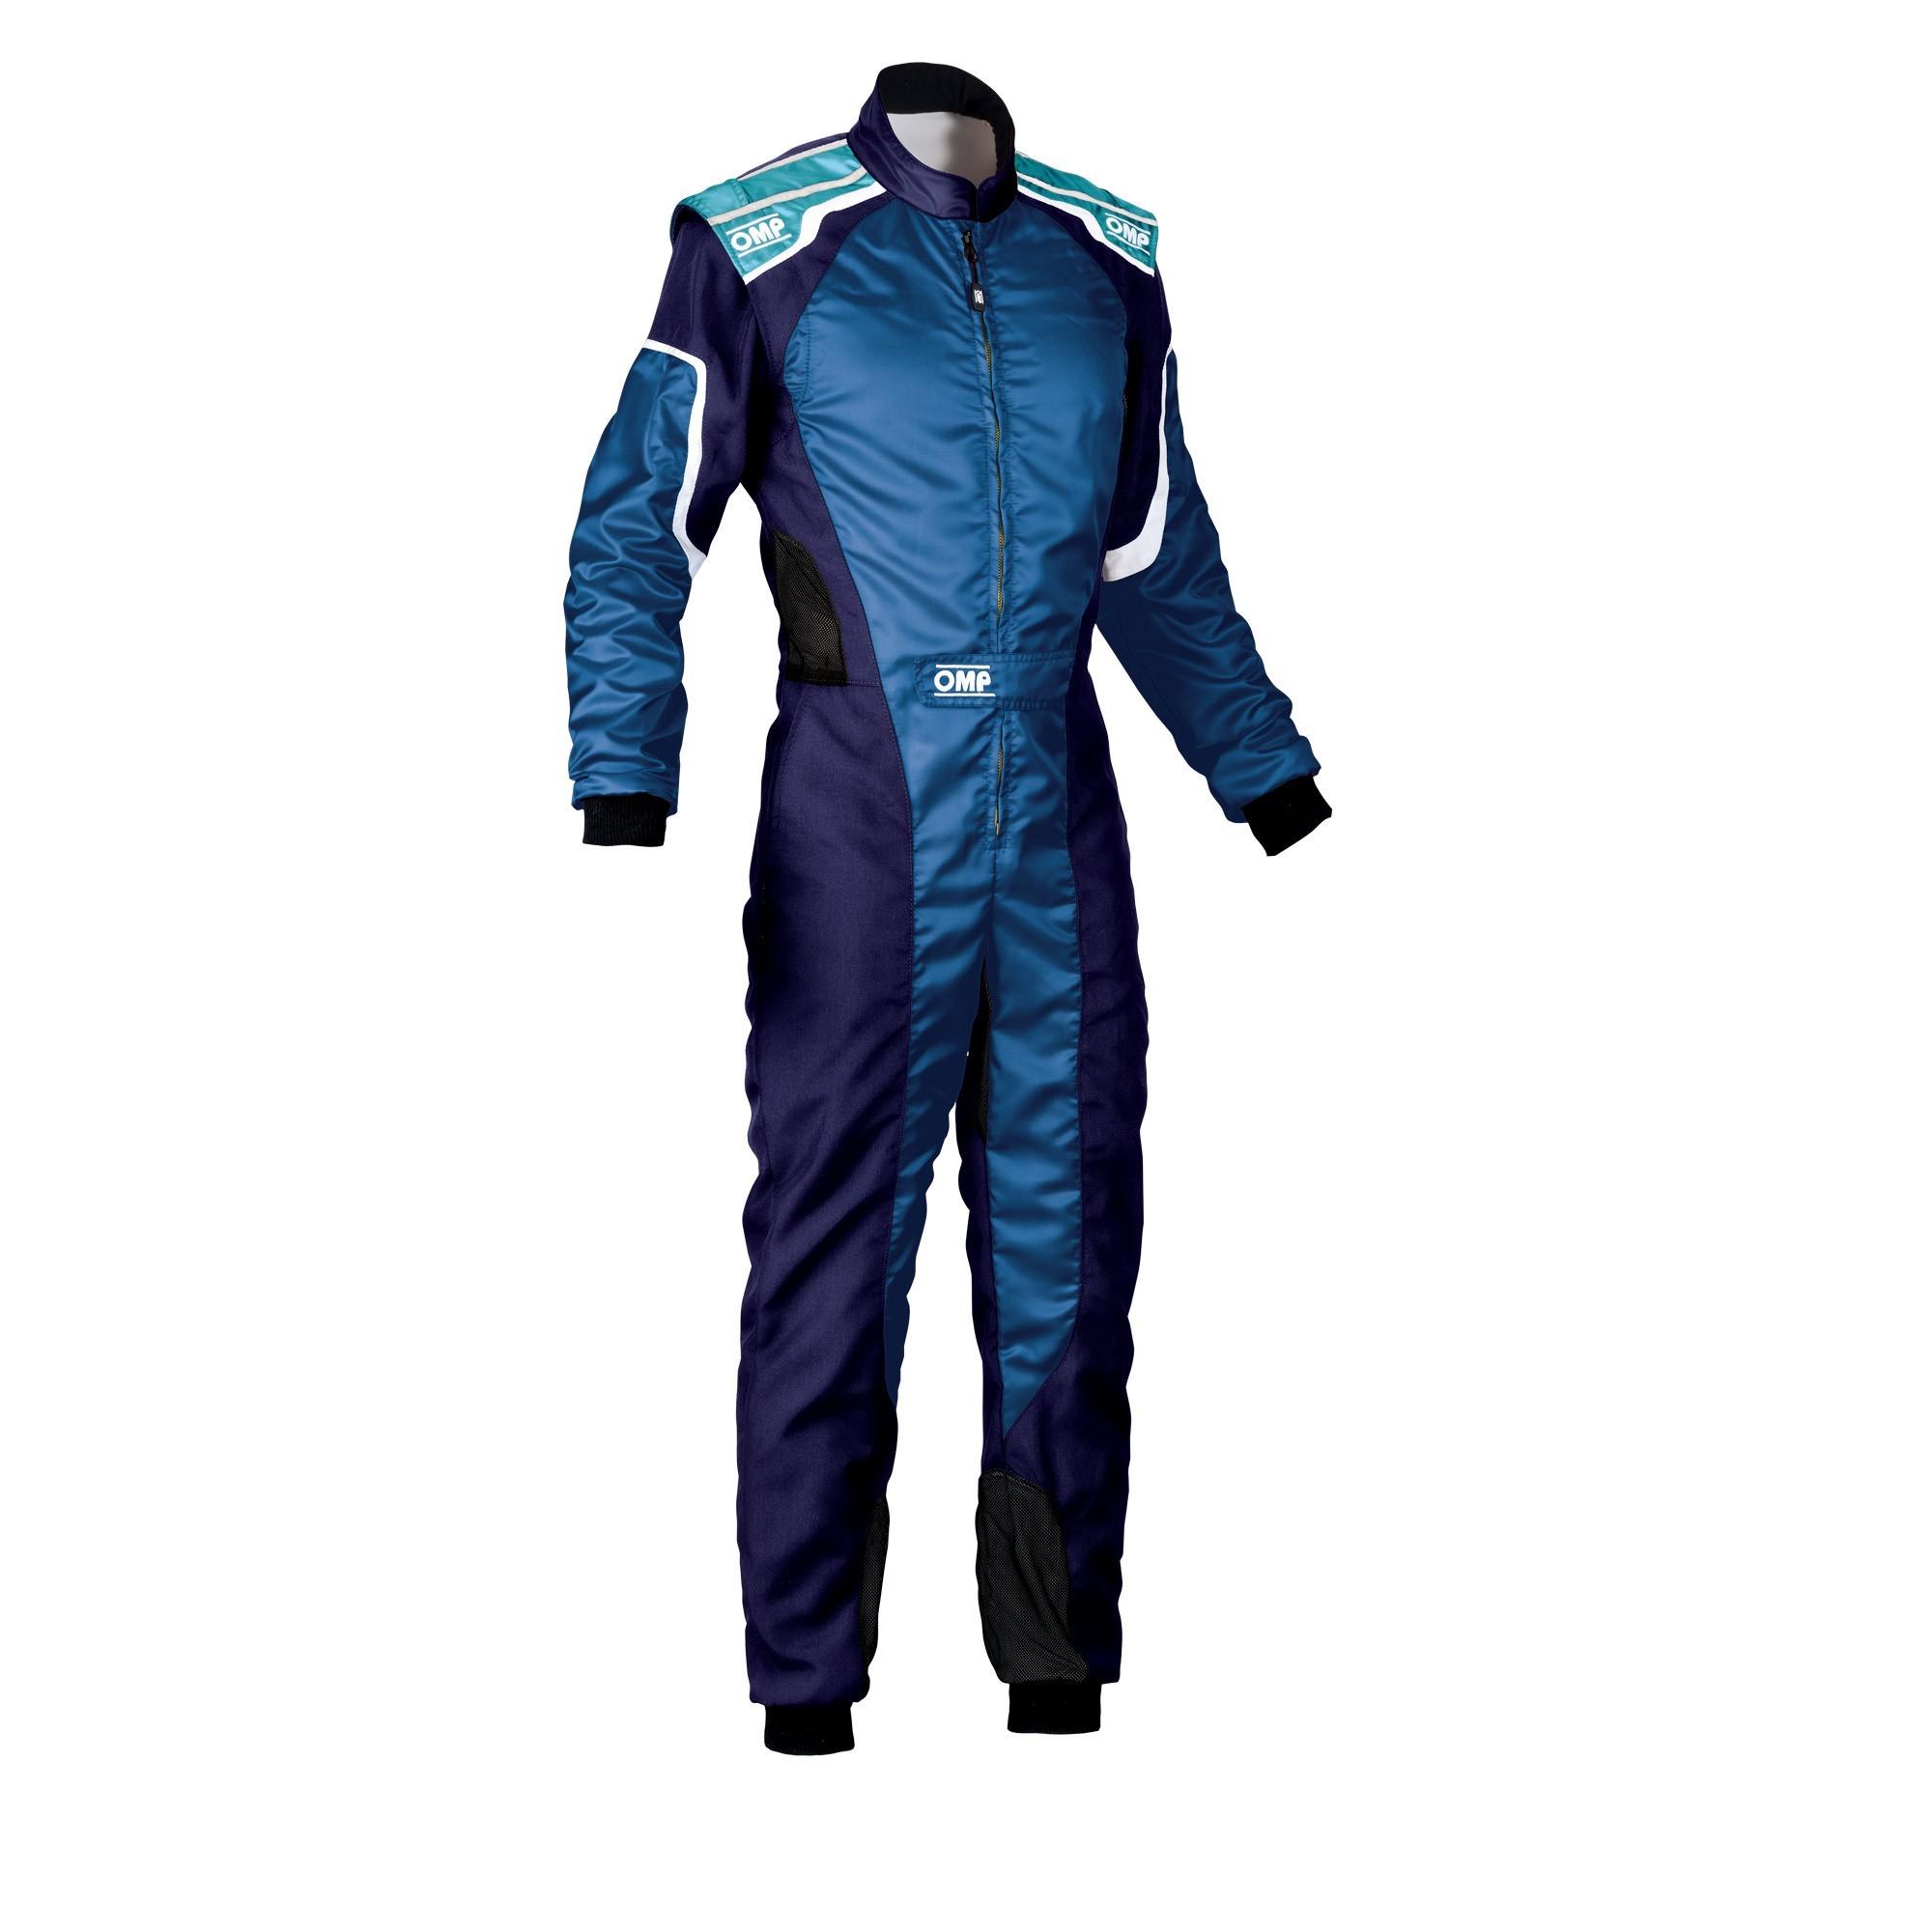 KS,3 SUIT , Classic kart suit